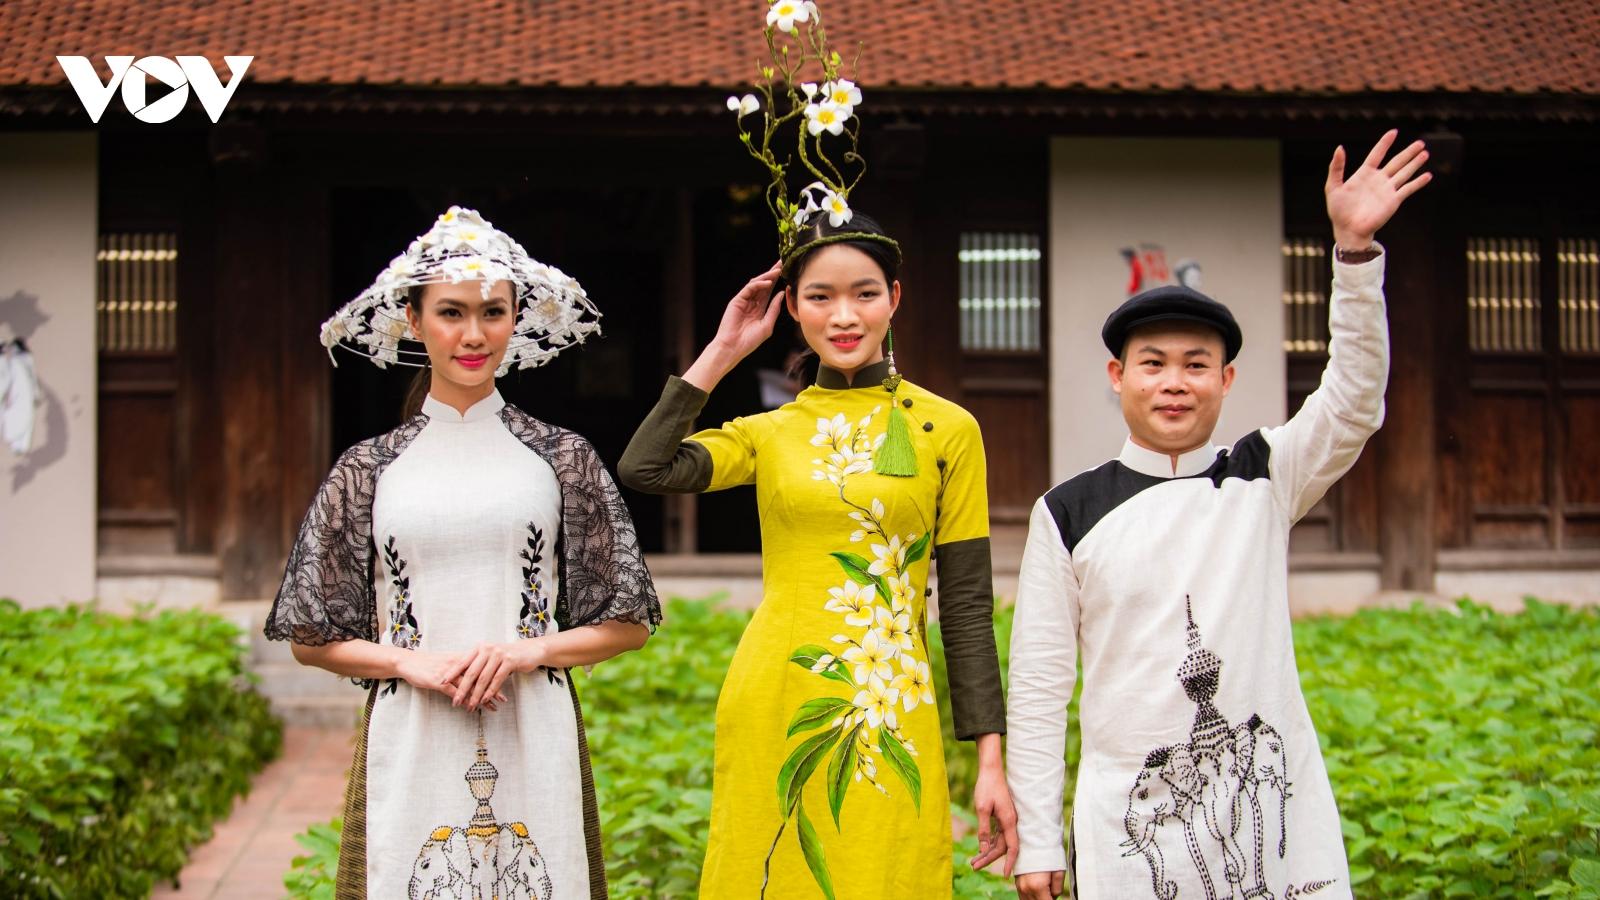 Chiêm ngưỡng bộ sưu tập áo dài độc đáo từ tơ tằm và gai